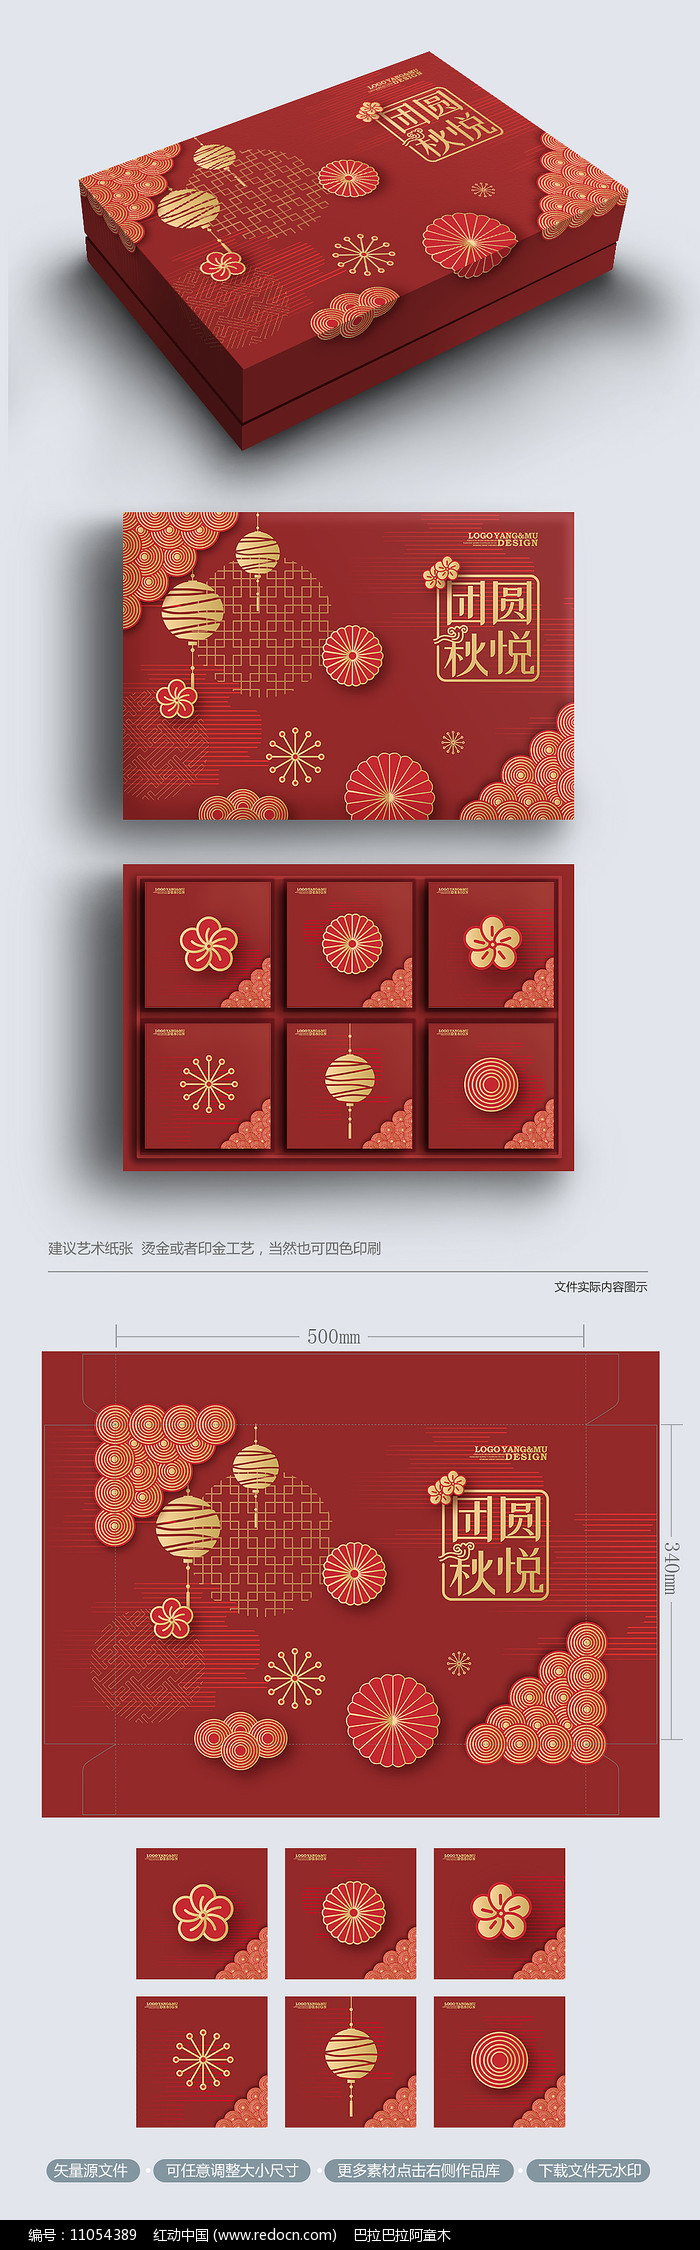 简洁高端中秋月饼包装礼盒图片